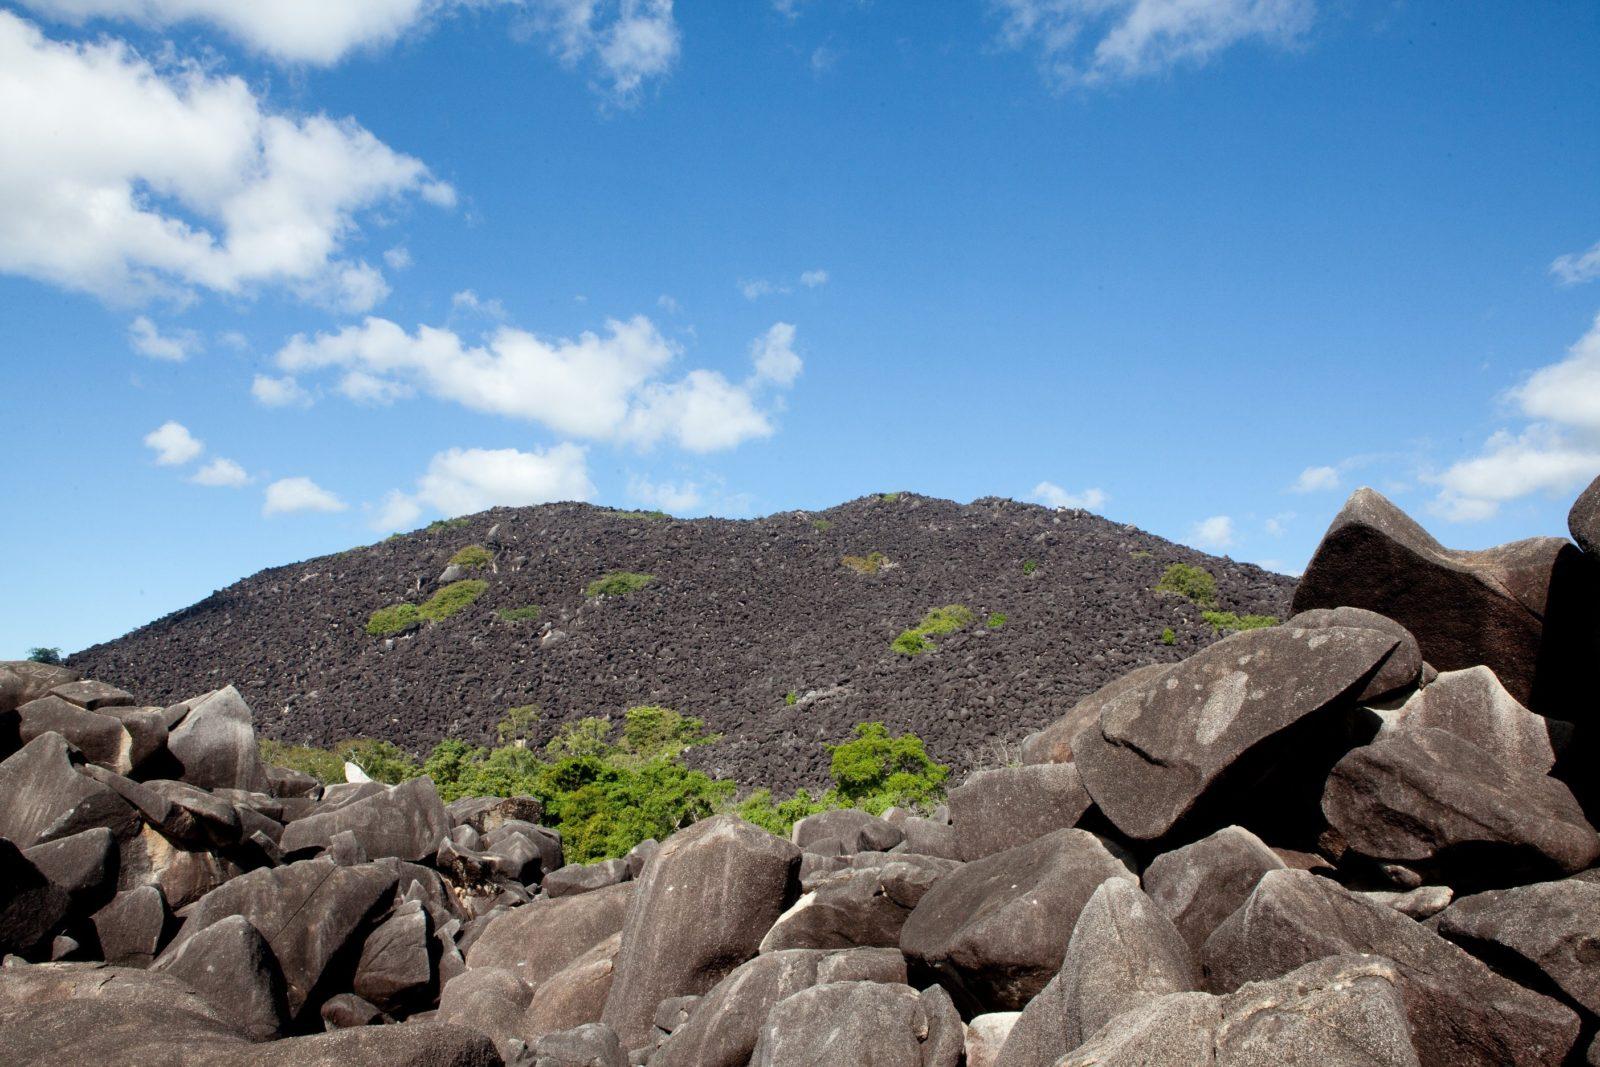 Granite boulders of Black Mountain